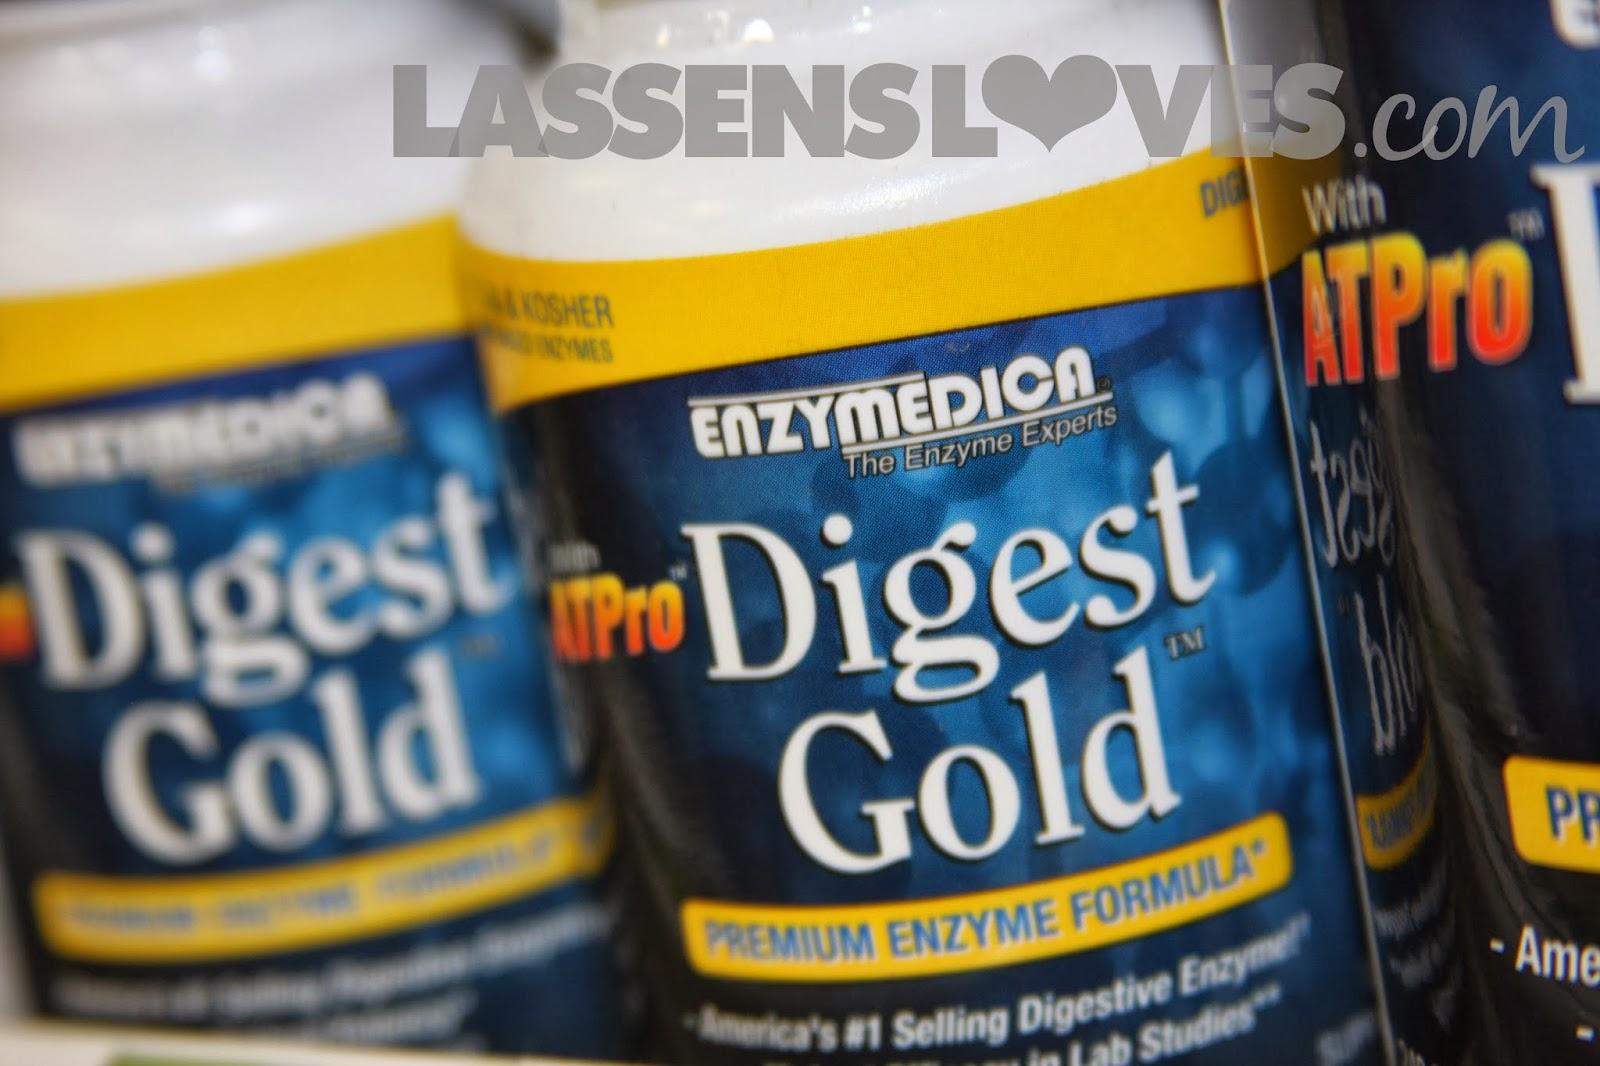 digest+gold, digestive+aids